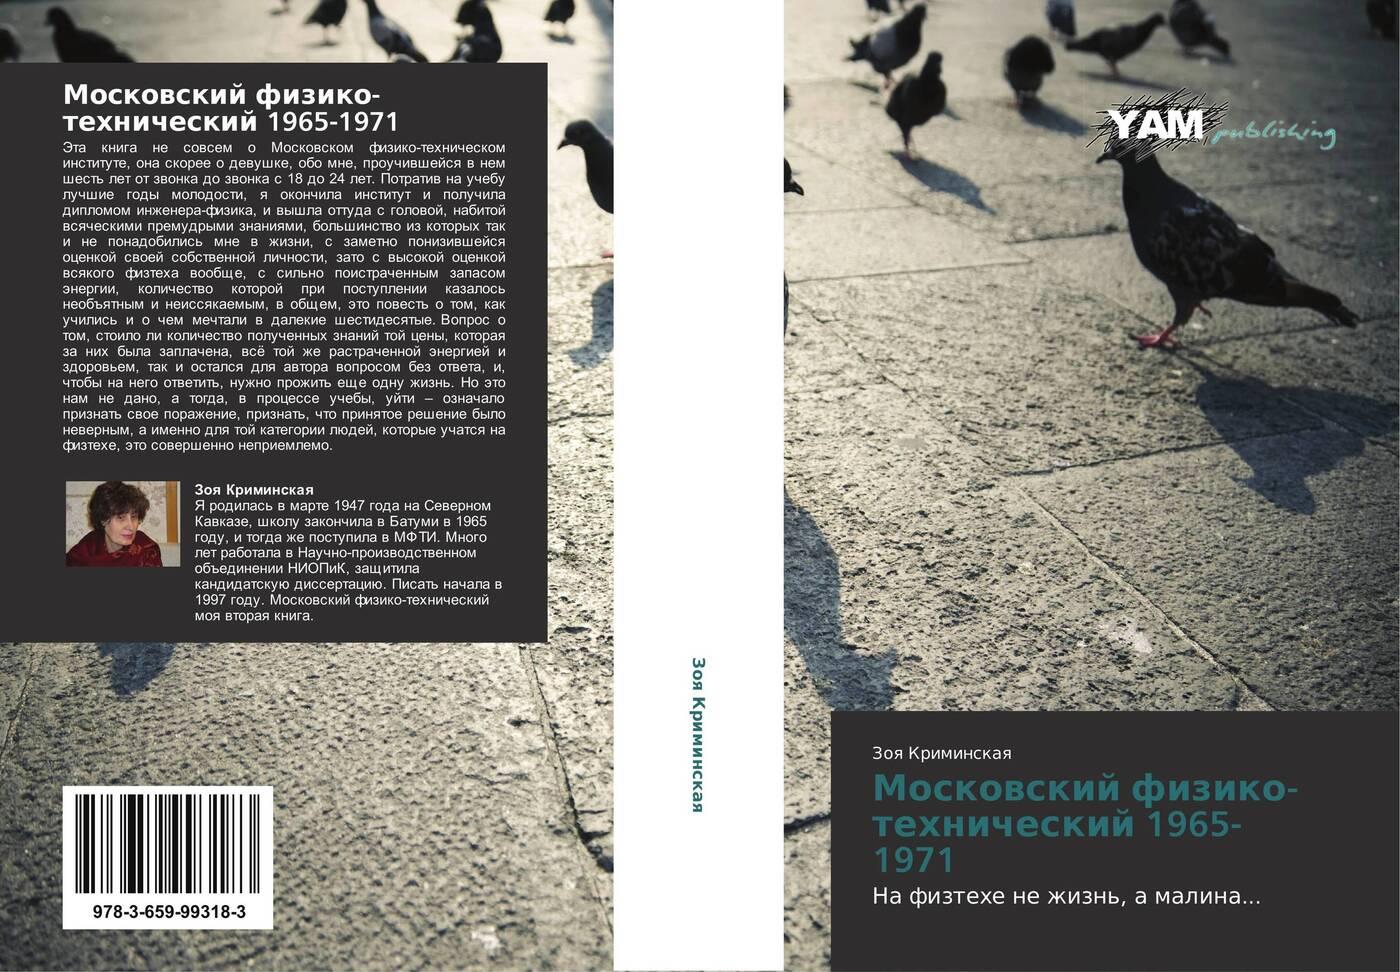 Зоя Криминская Московский физико-технический 1965-1971